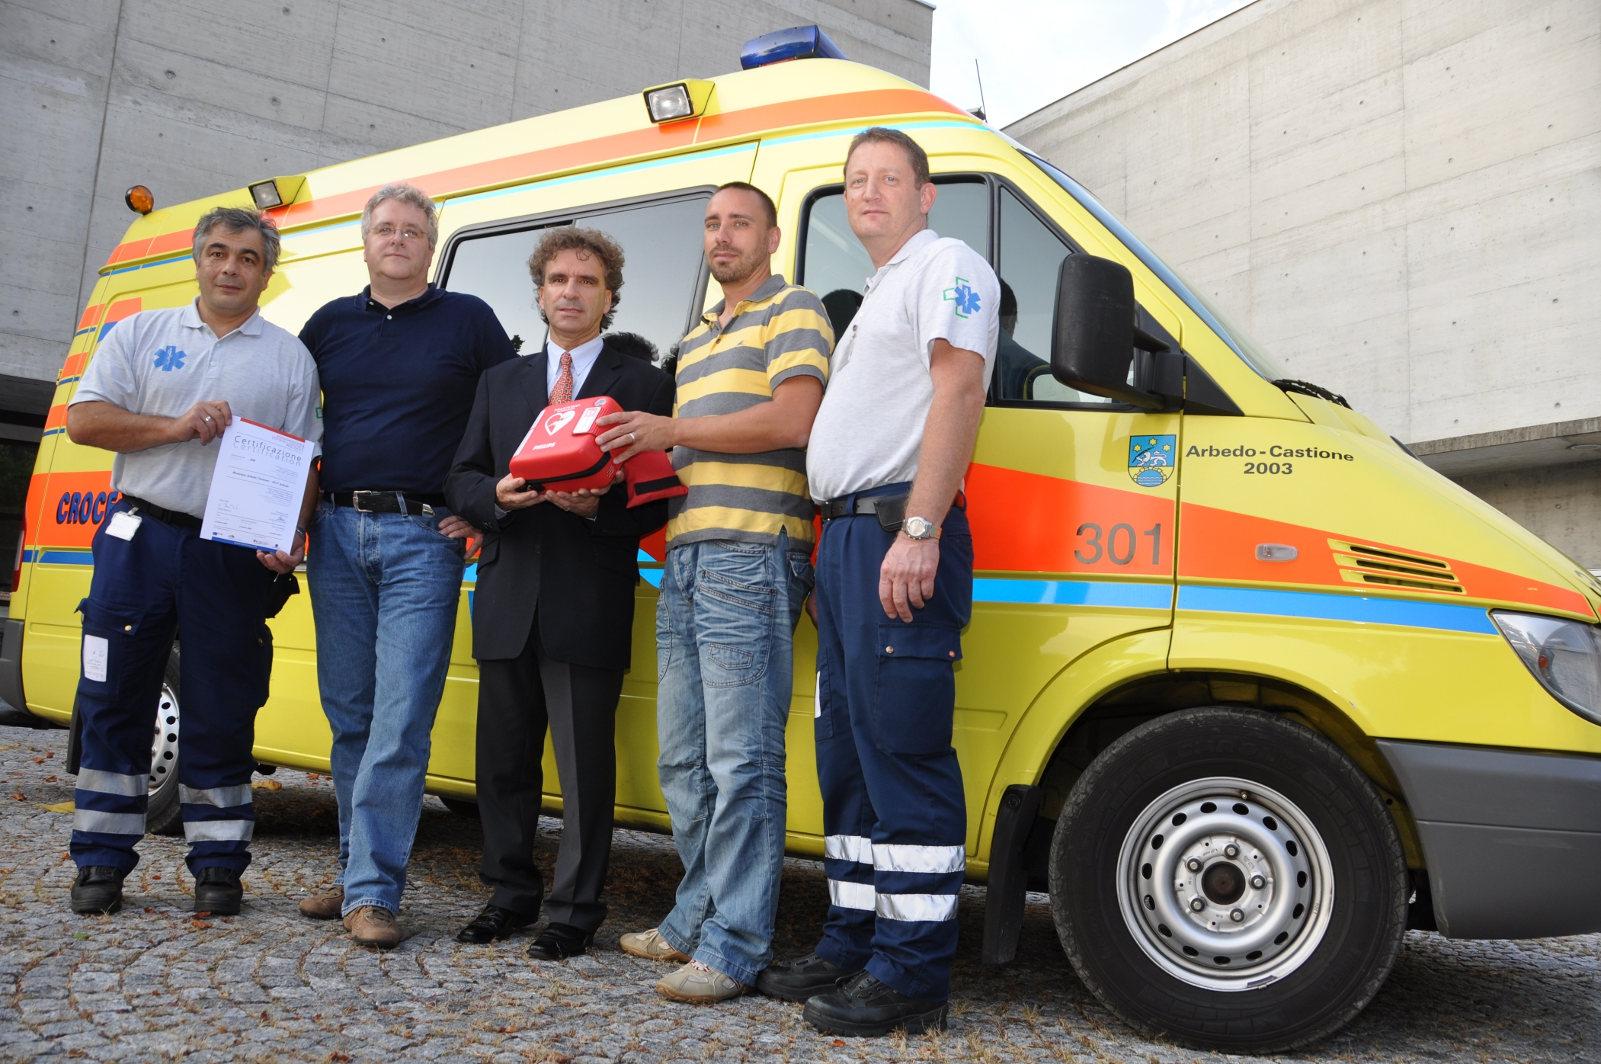 AED-Feuerwehr-Polizei-First-Responder-Schweiz